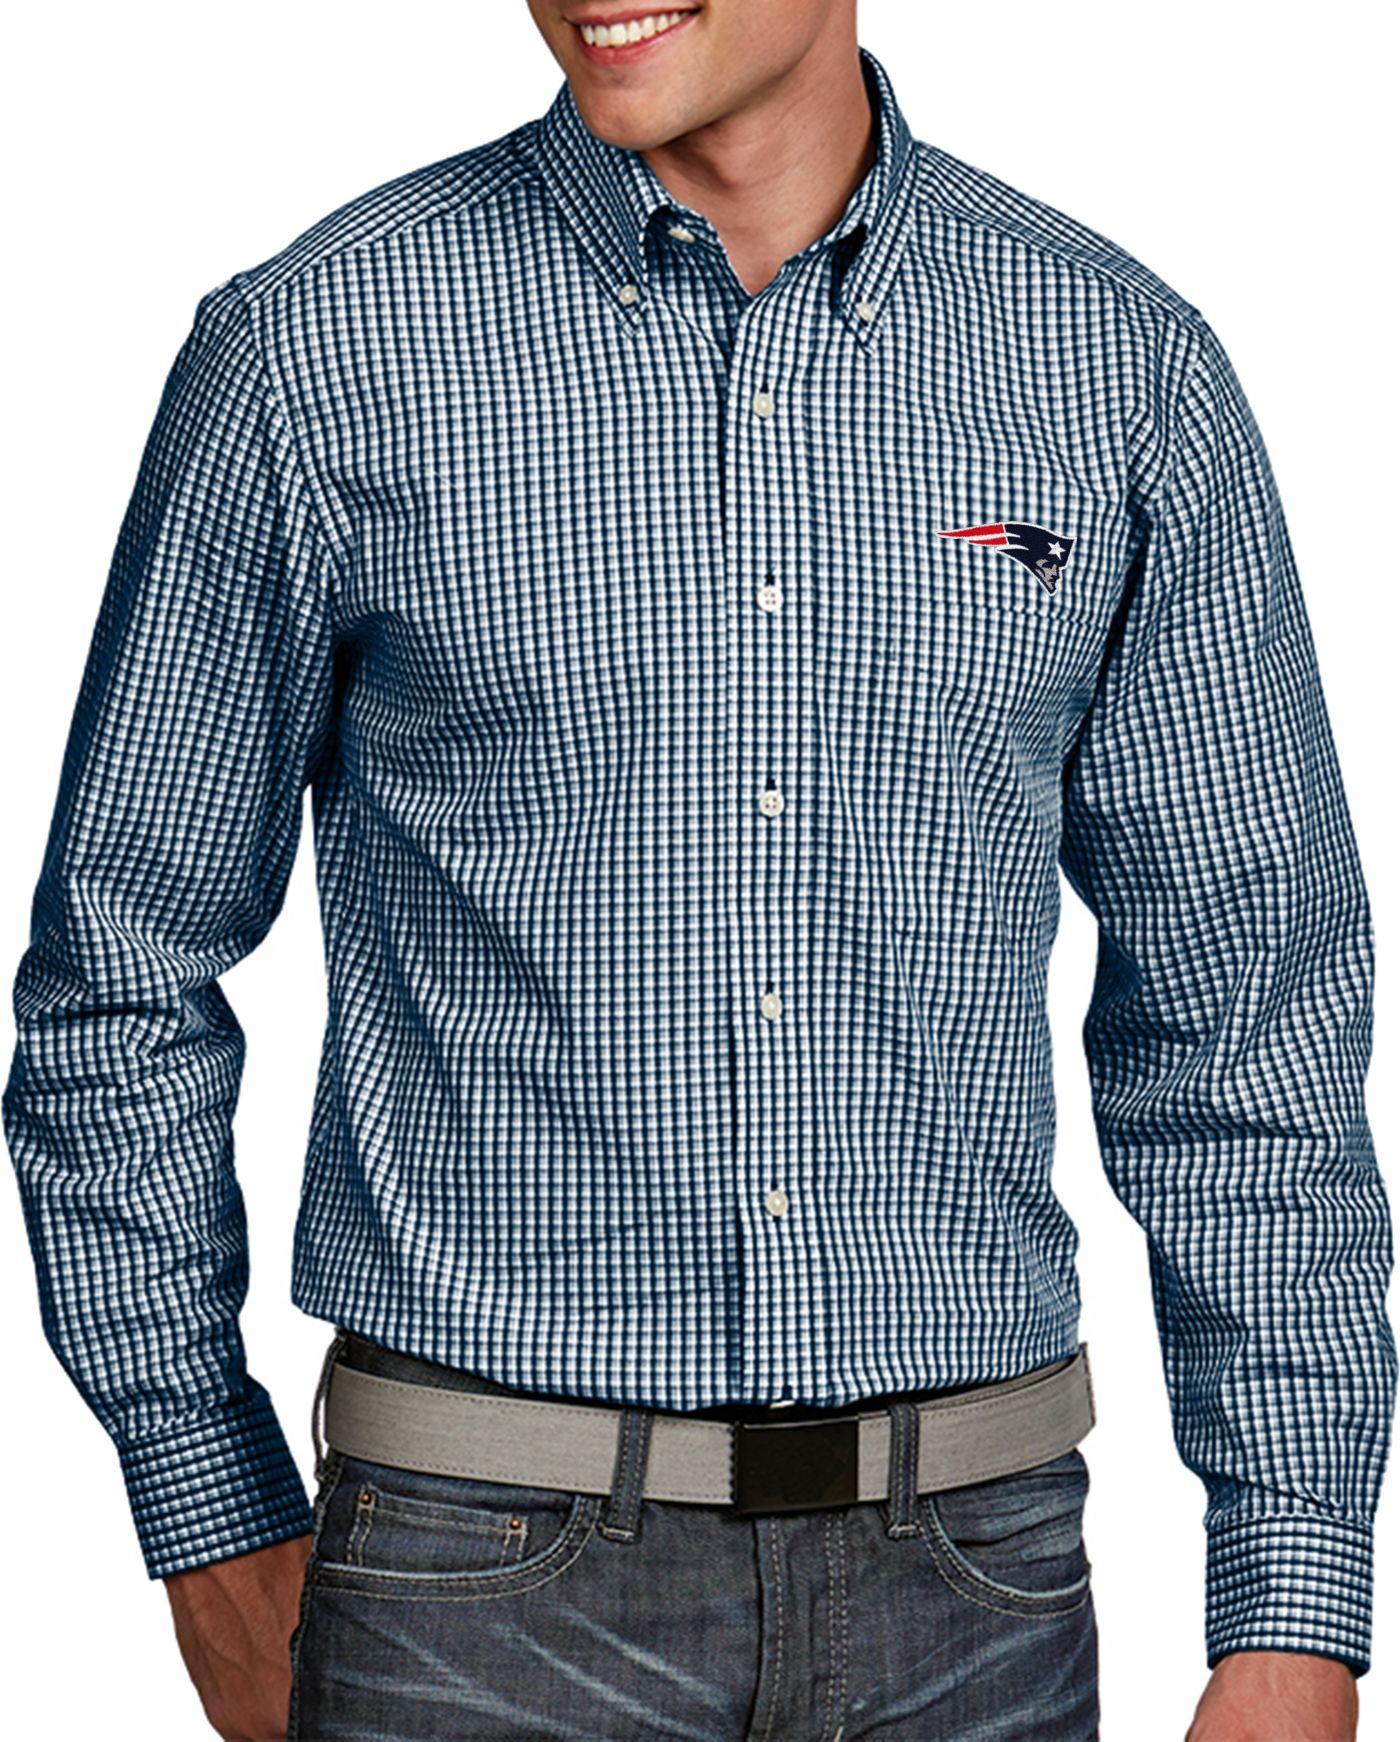 Antigua Men's New England Patriots Associate Button Down Dress Shirt